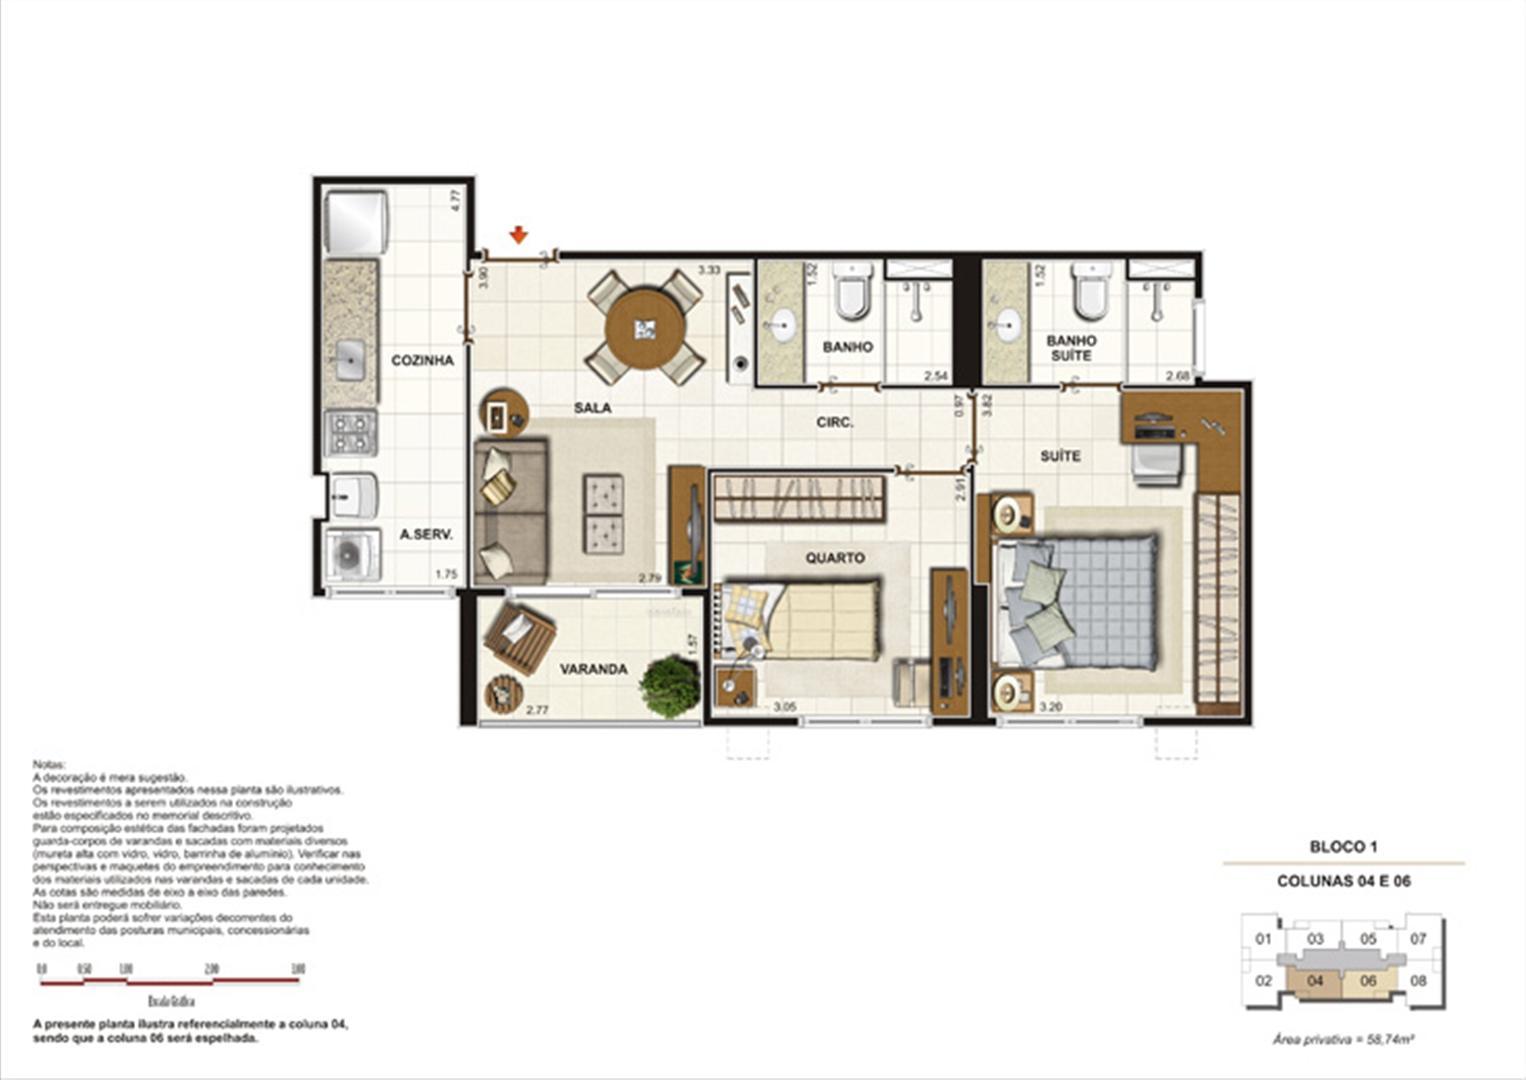 Planta 2 quartos (1suíte) - 58,4m²  | Splendore Family Club – Apartamento em  Campos - Campos - Rio de Janeiro